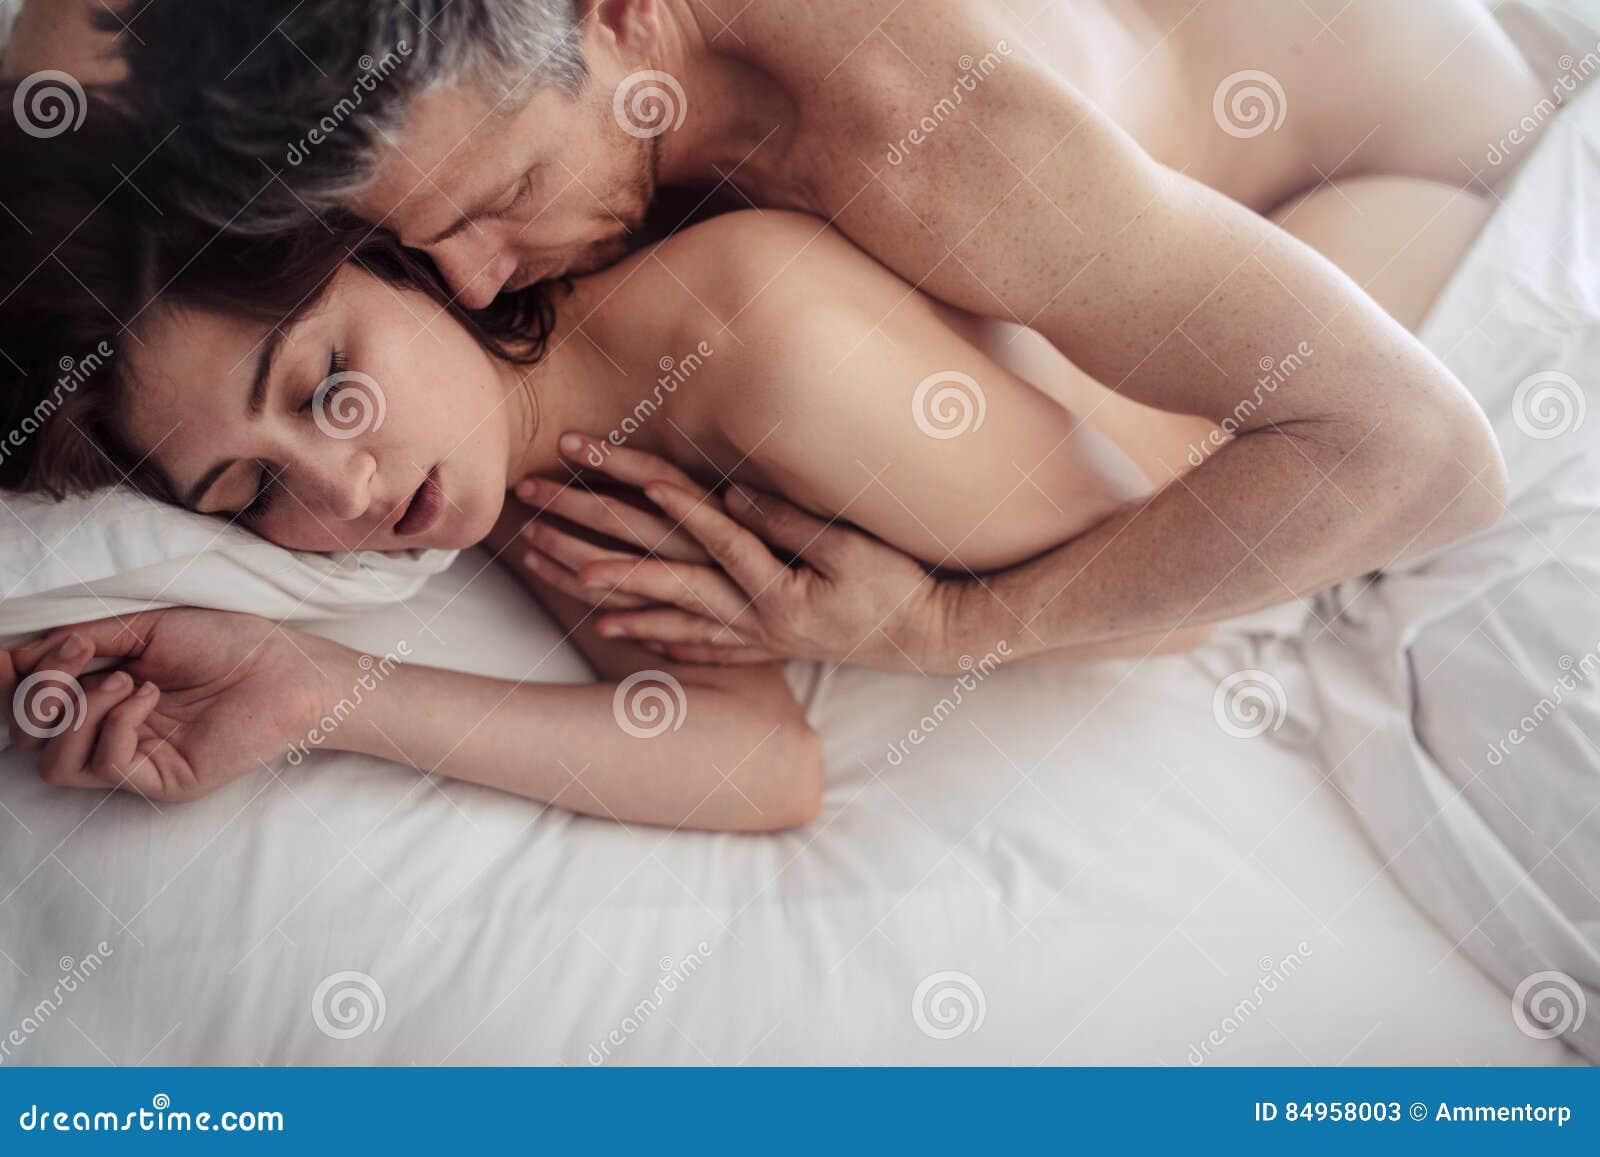 nude girls msn hotmail